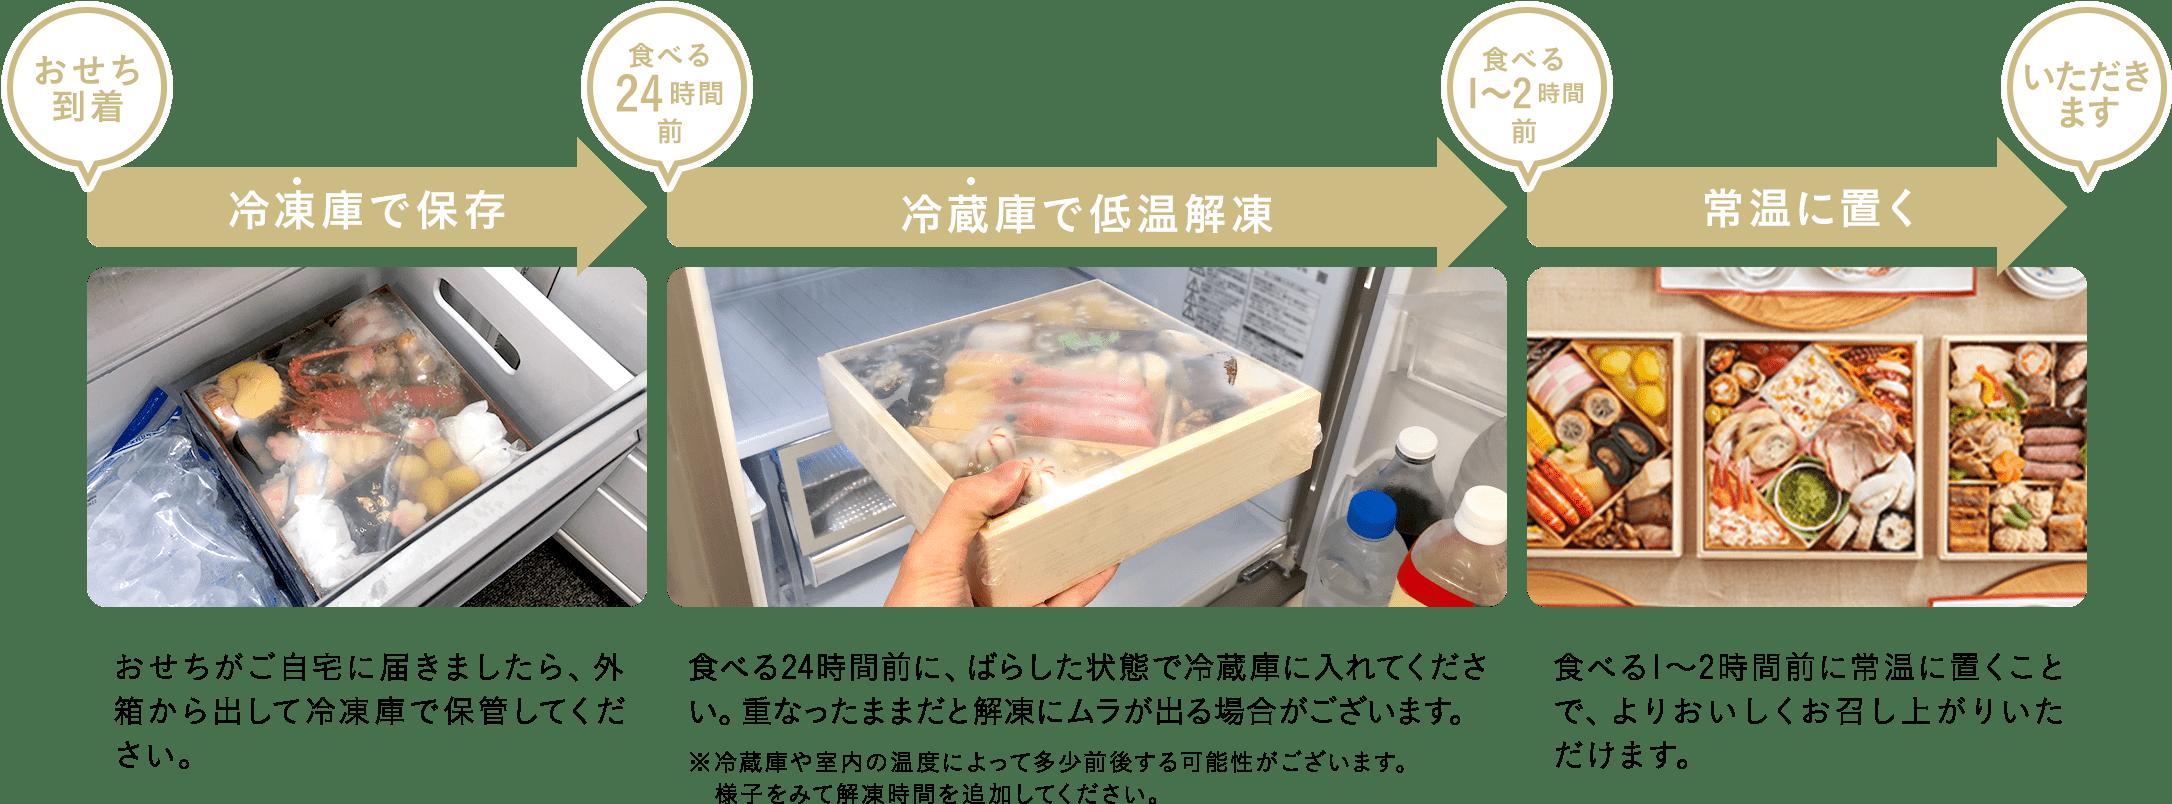 おせちが到着したら冷凍庫で保存、食べる24時間前に冷蔵庫で低温解凍、食べる1〜2時間前に常温に置く